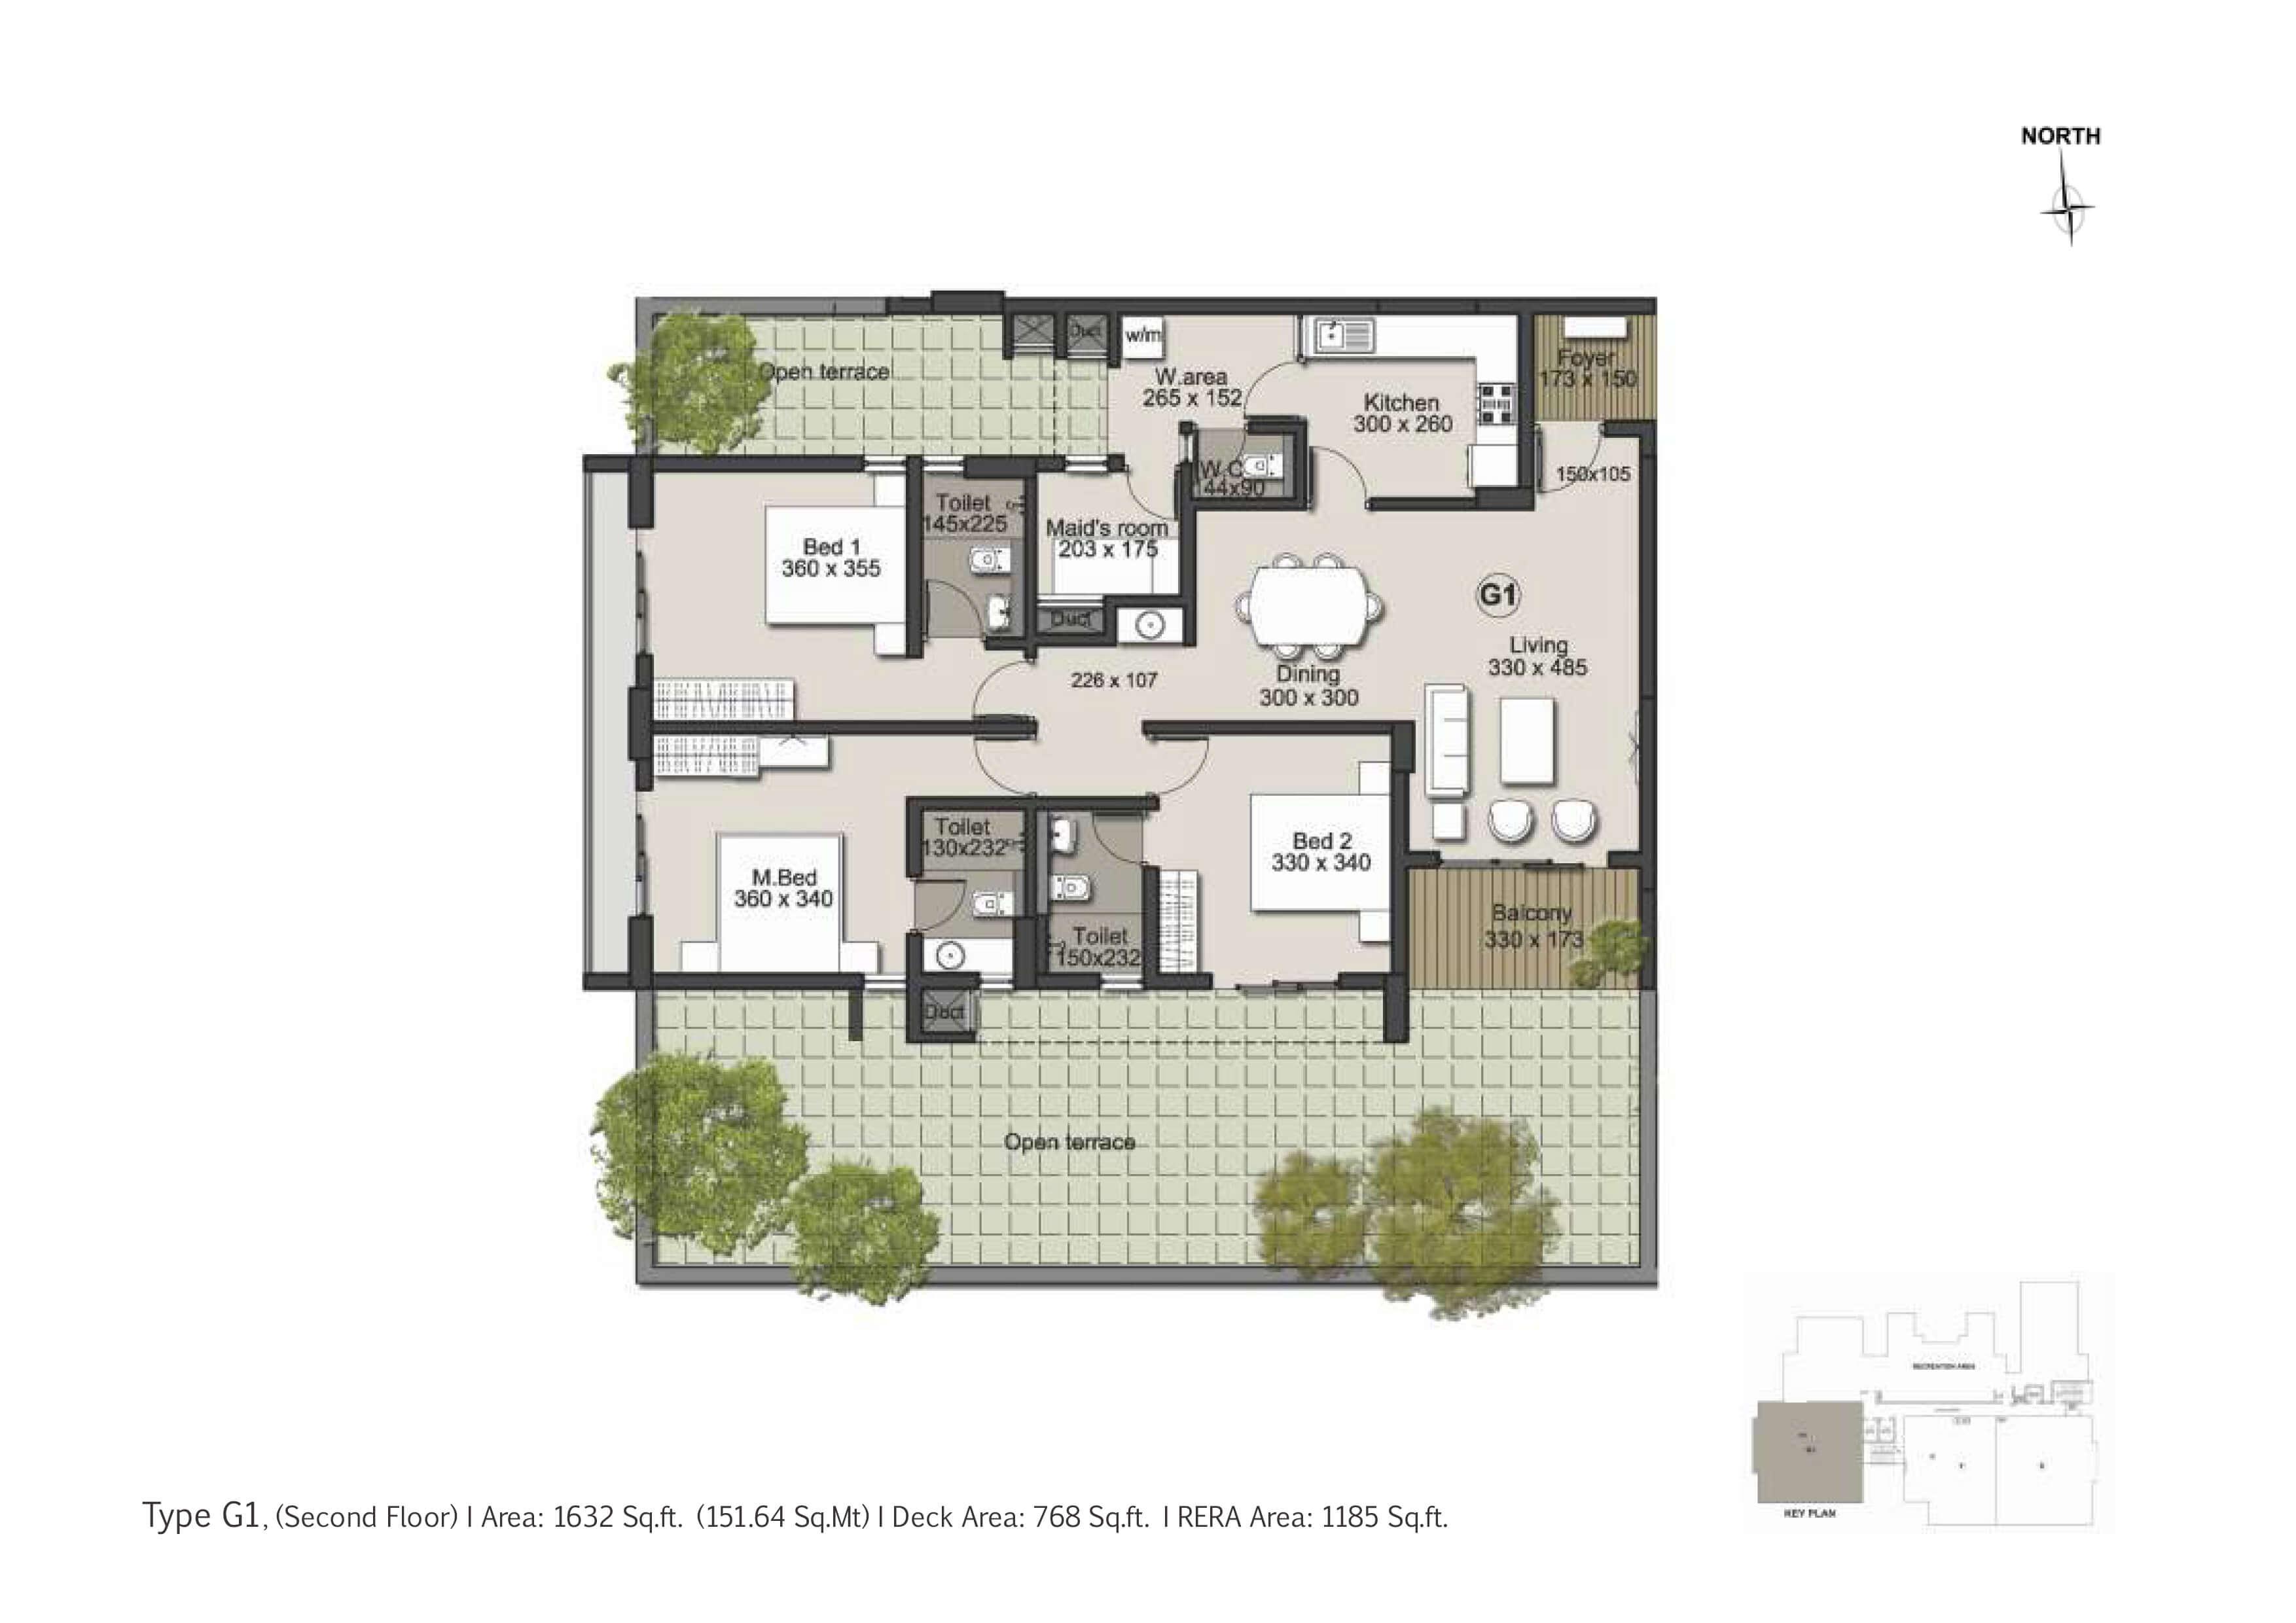 Type G1 Floor Plan